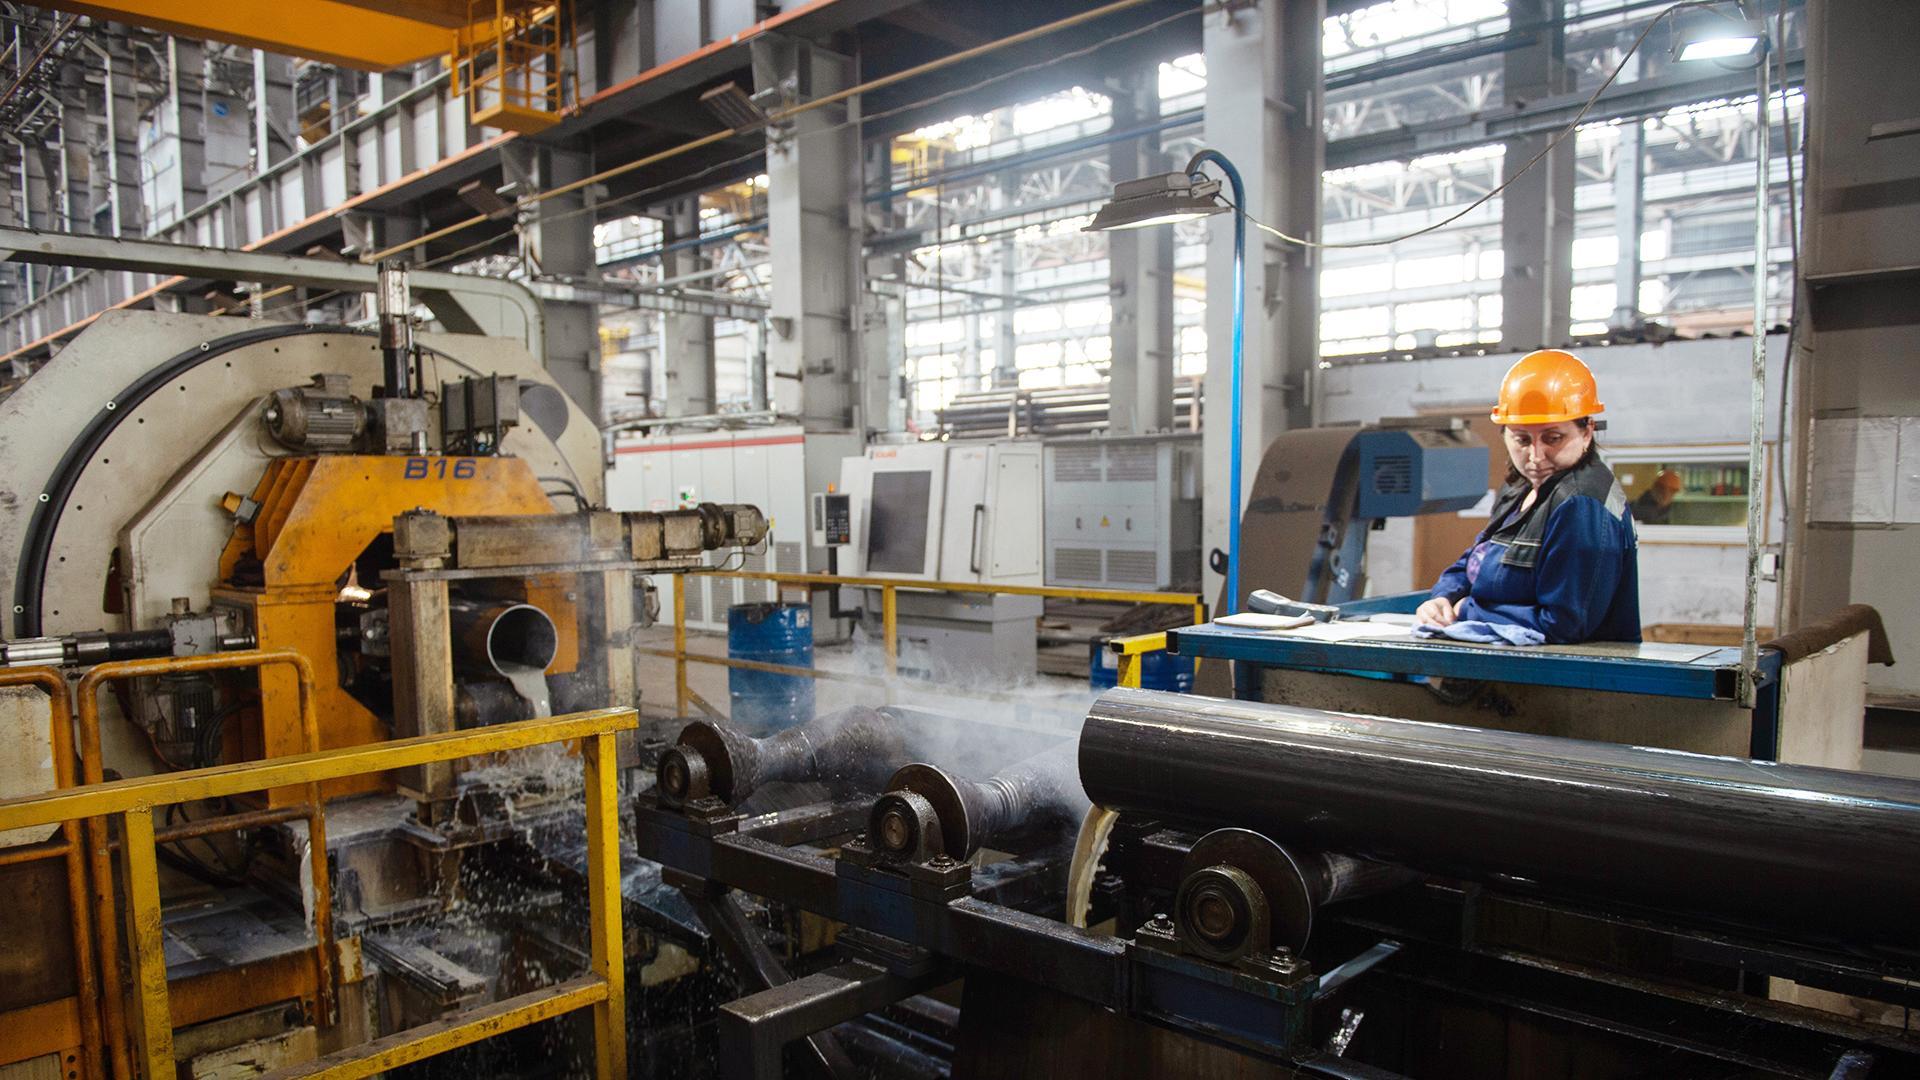 Центр компетенций для обучения бережливому производству создадут в Якутии